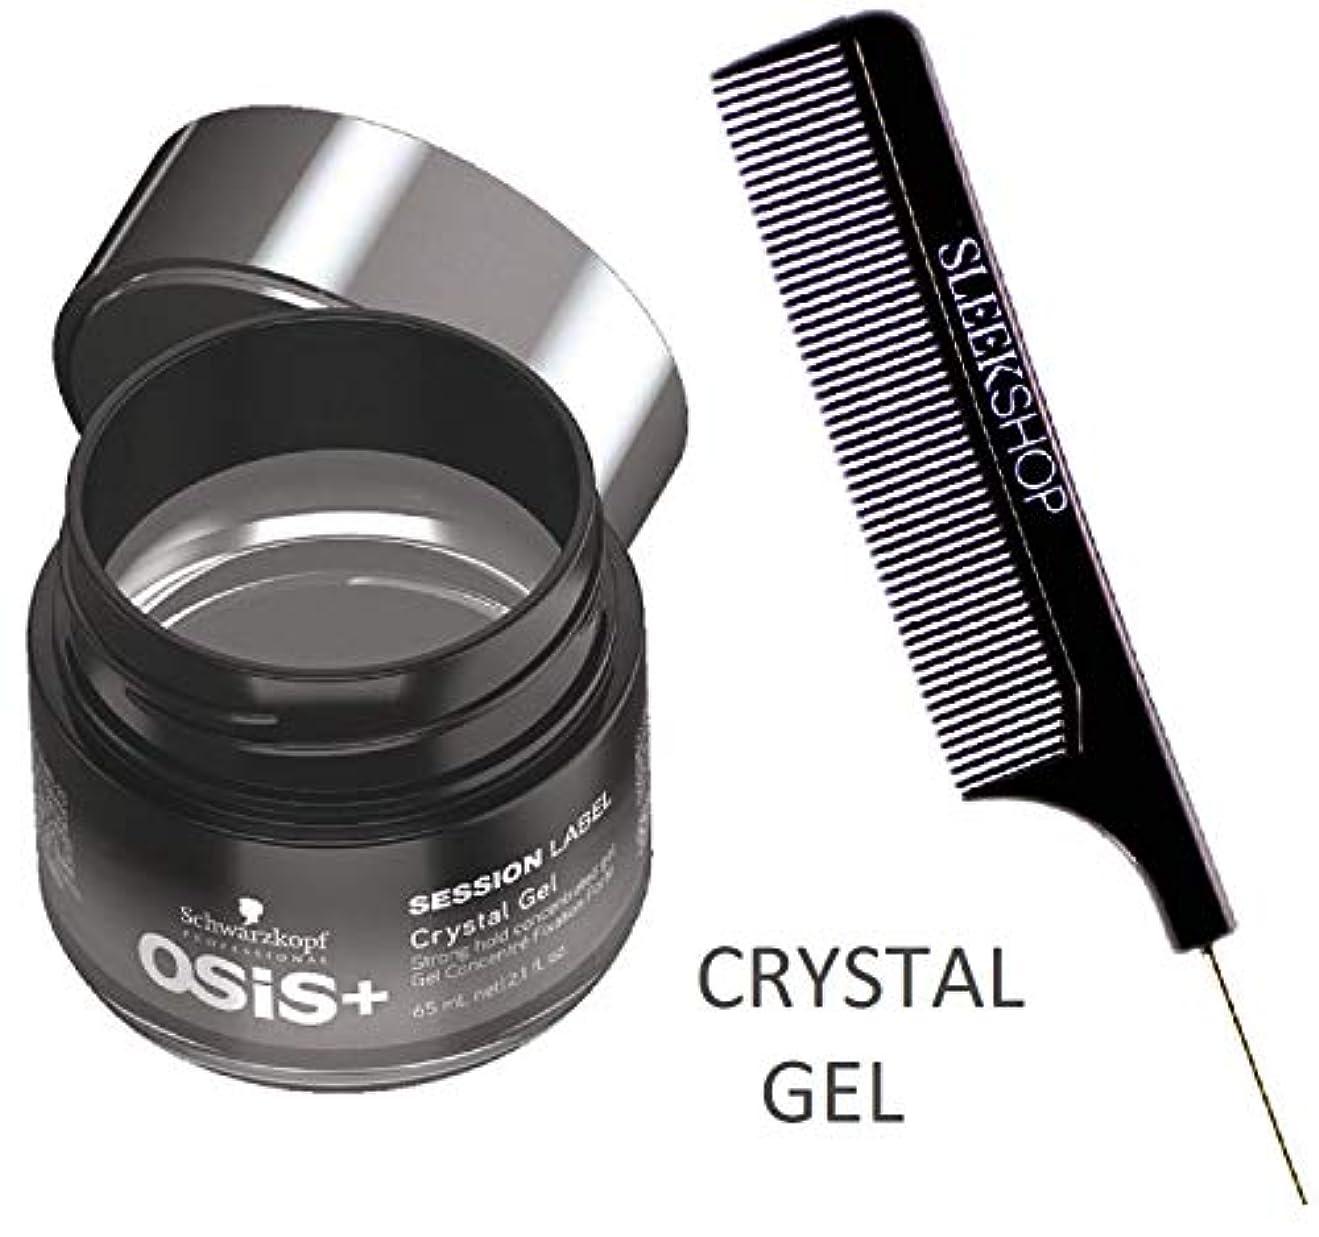 どきどき寝るひねくれたSchwarzkopf OSIS +セッションラベルCRYSTAL GELストロングホールド濃縮ジェル(STYLISTのKIT) 2.1オンス/ 65ミリリットル